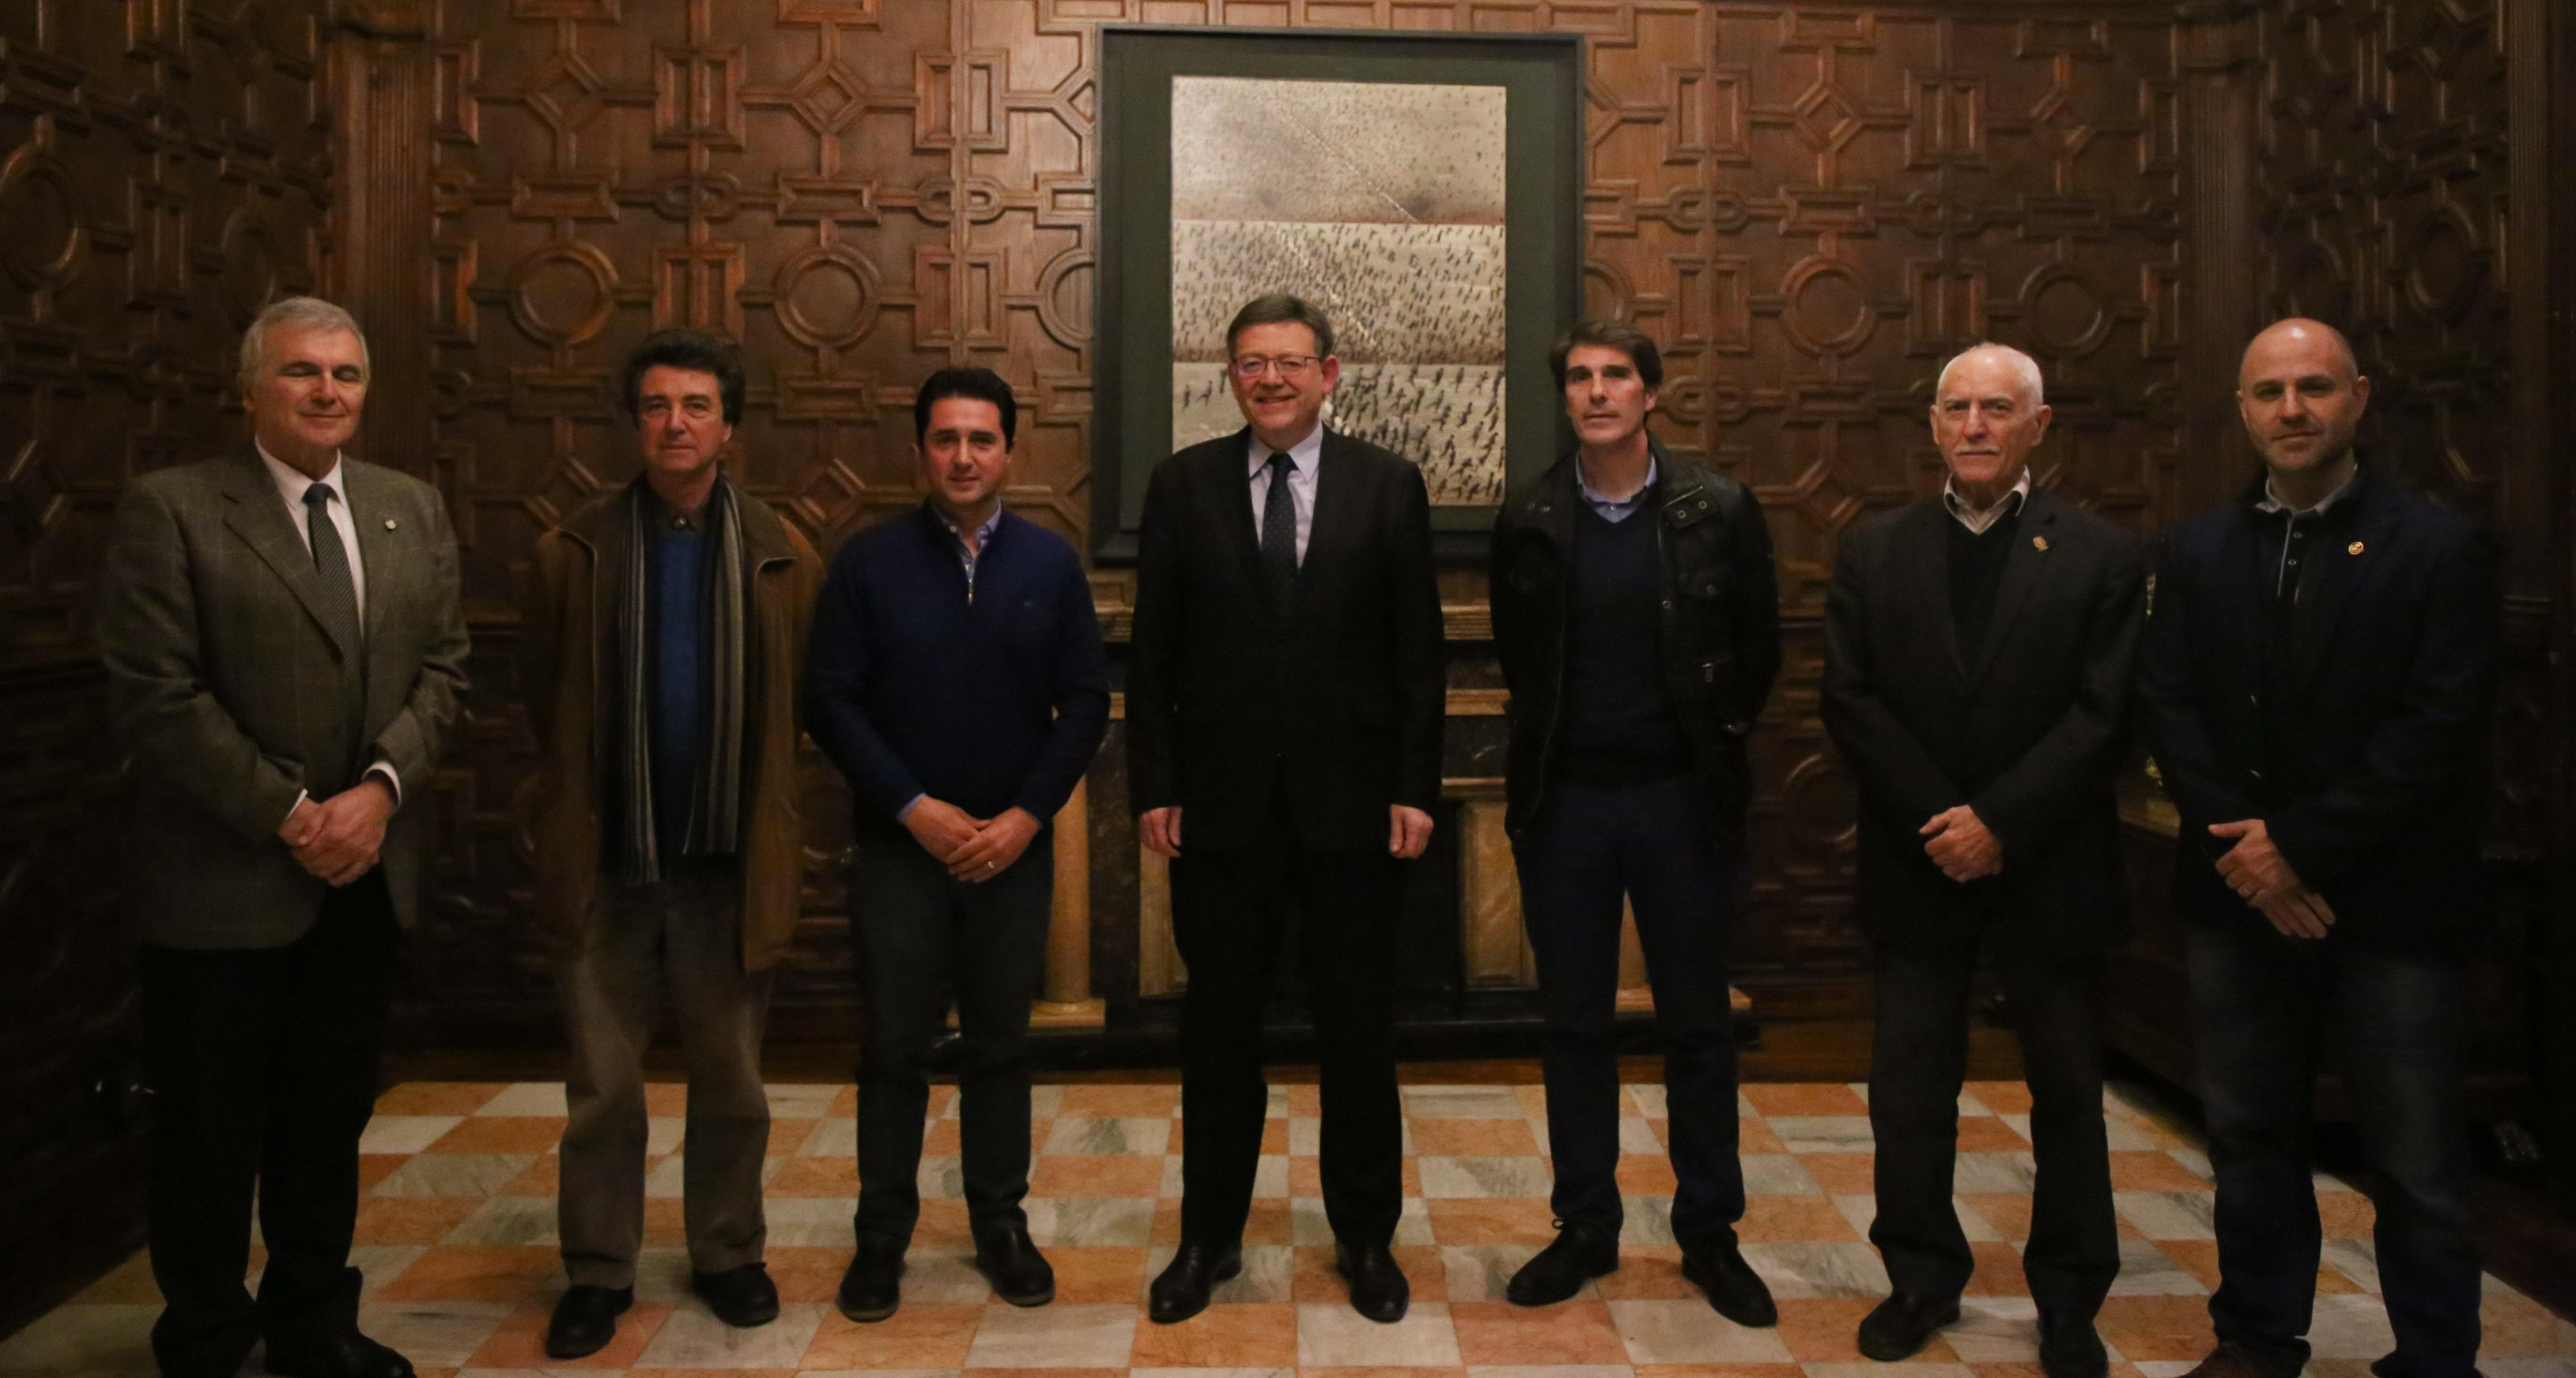 El President de la Generalitat ha recibido a los representantes de las diferentes formaciones bandísticas de Buñol, Cullera y Llíria.